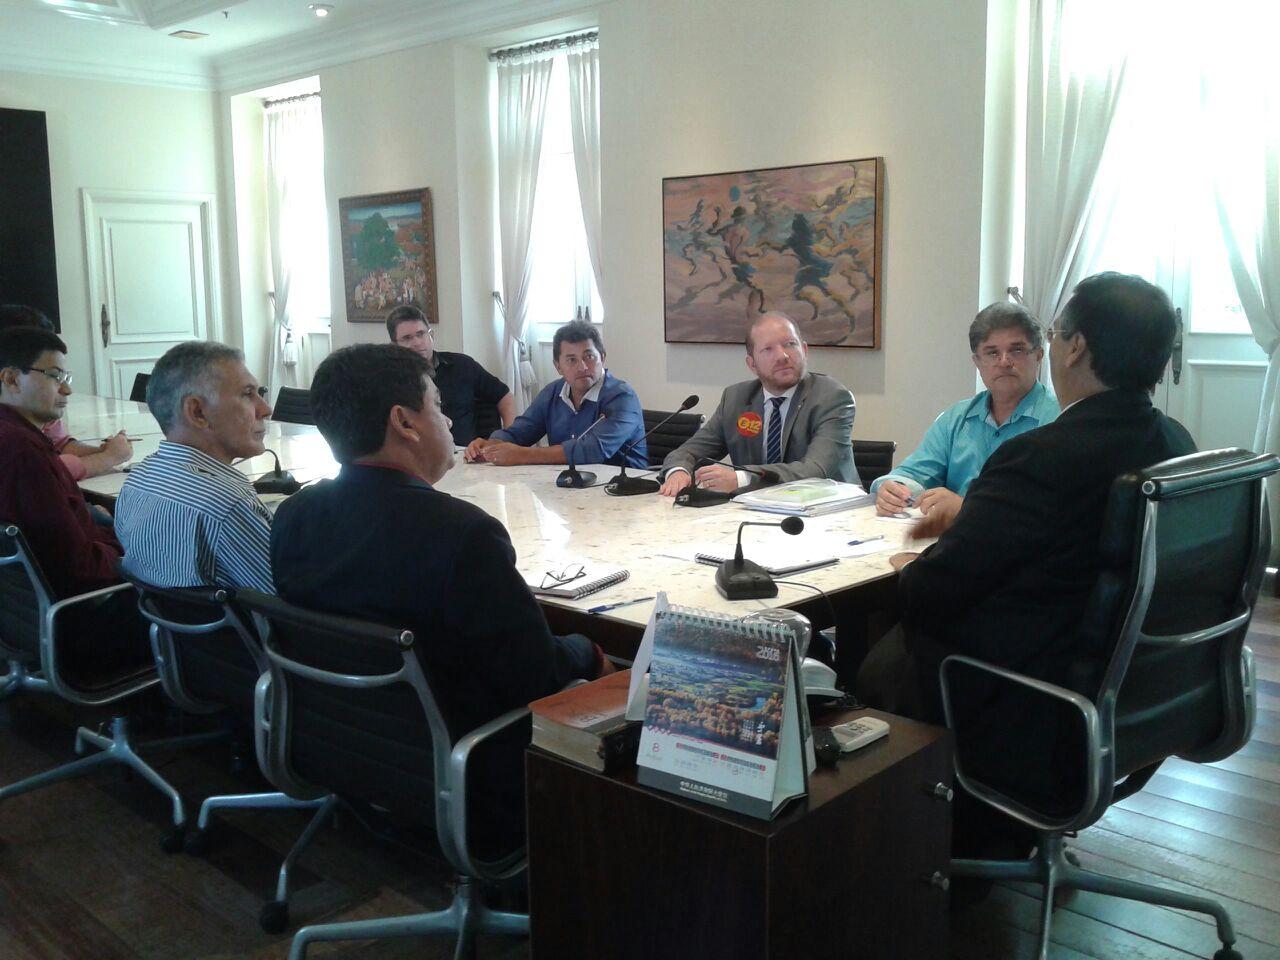 Foto-legenda - O encontro marcou o início do diálogo entre a próxima gestão e o governo do Estado